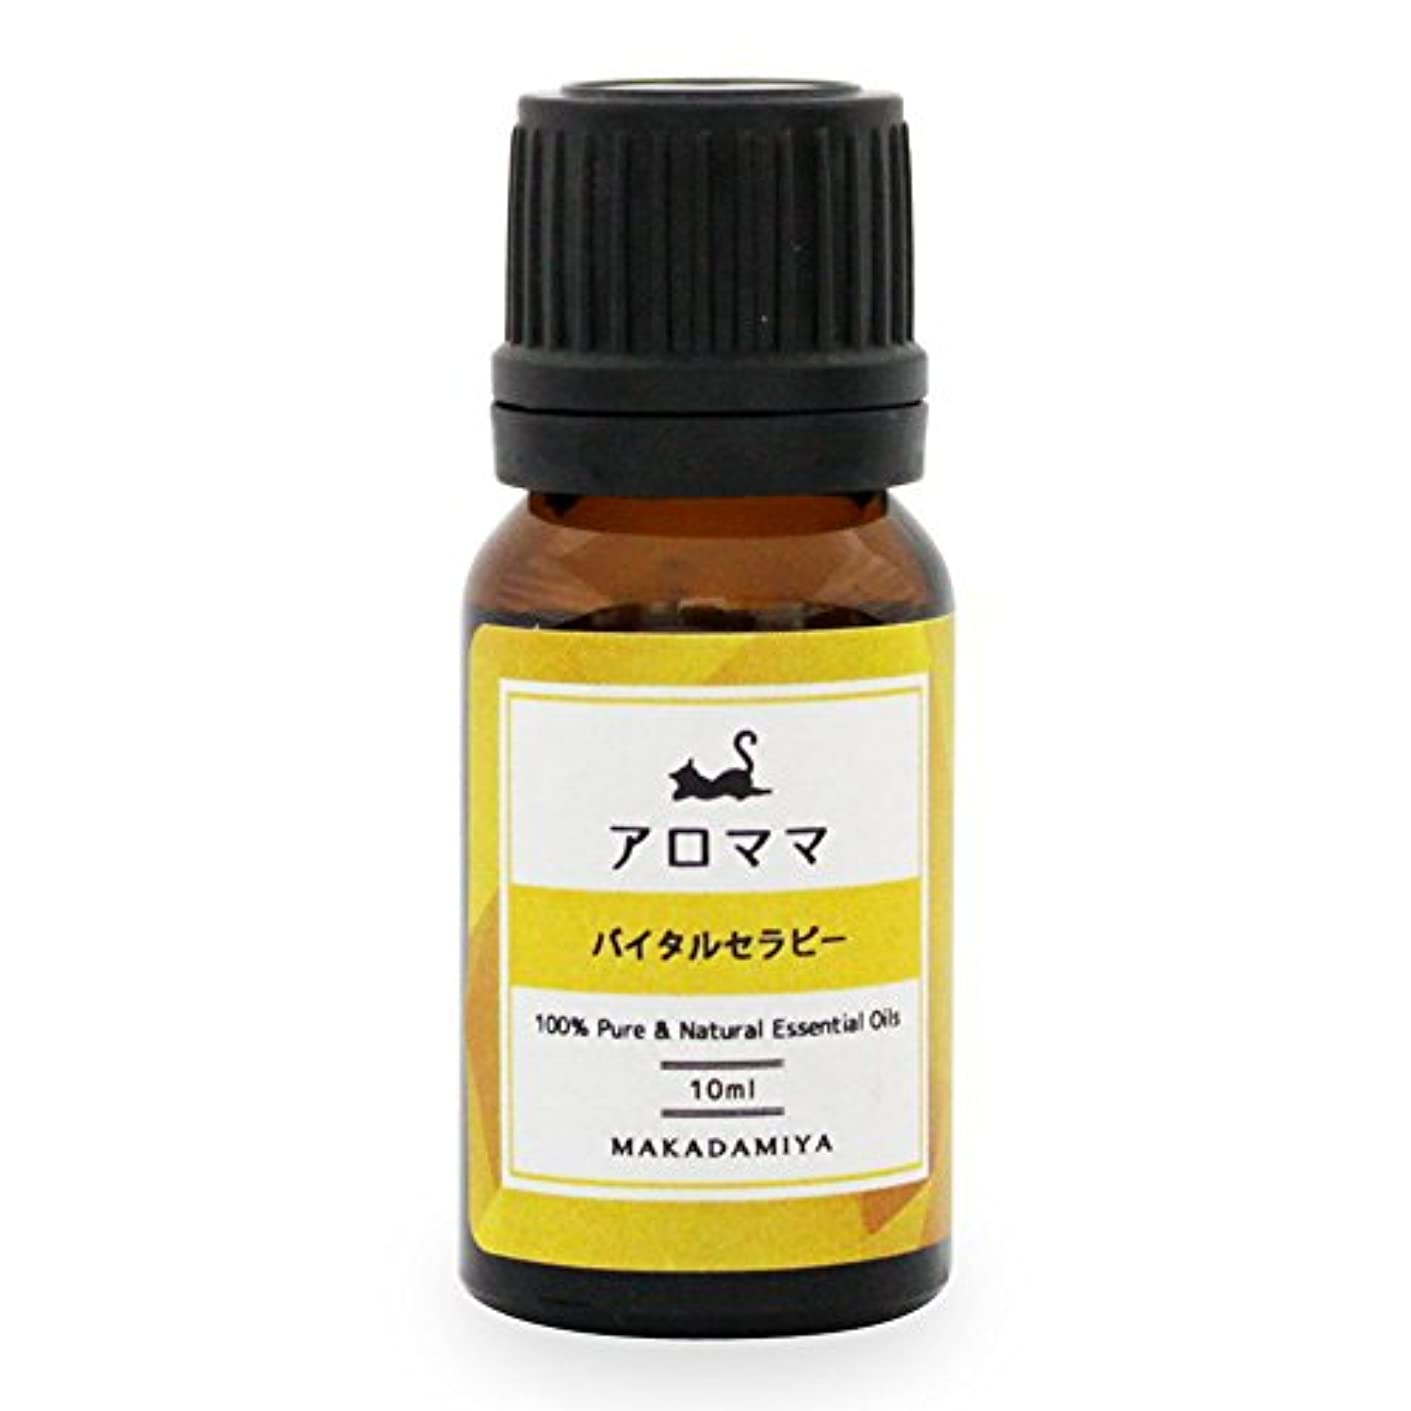 担当者治す集まる妊活用アロマ10ml 妊活中の女性の為に特別な香りで癒す。 アロママ